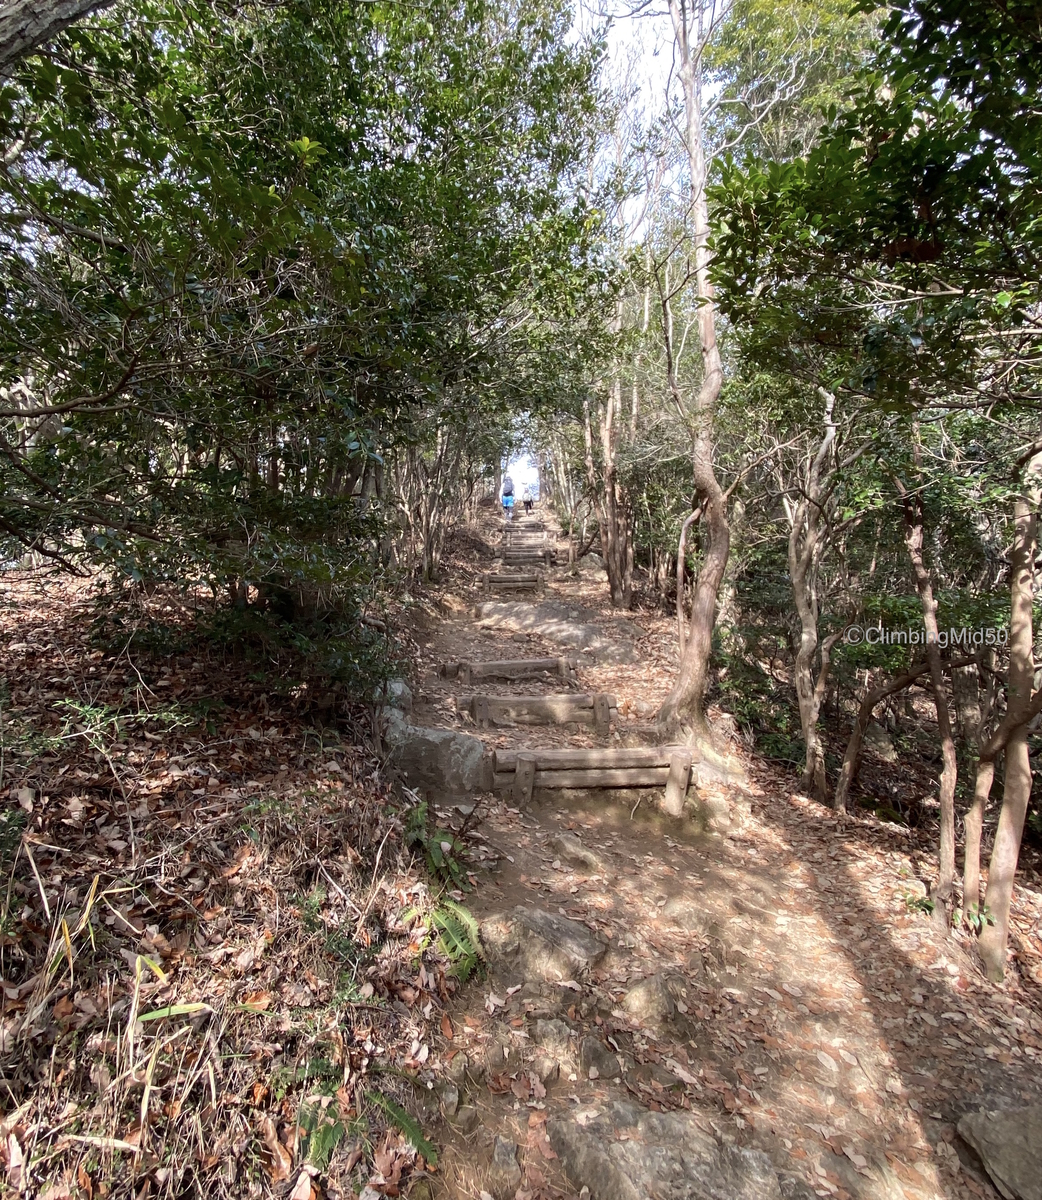 f:id:ClimbingMid50:20200207152326j:plain